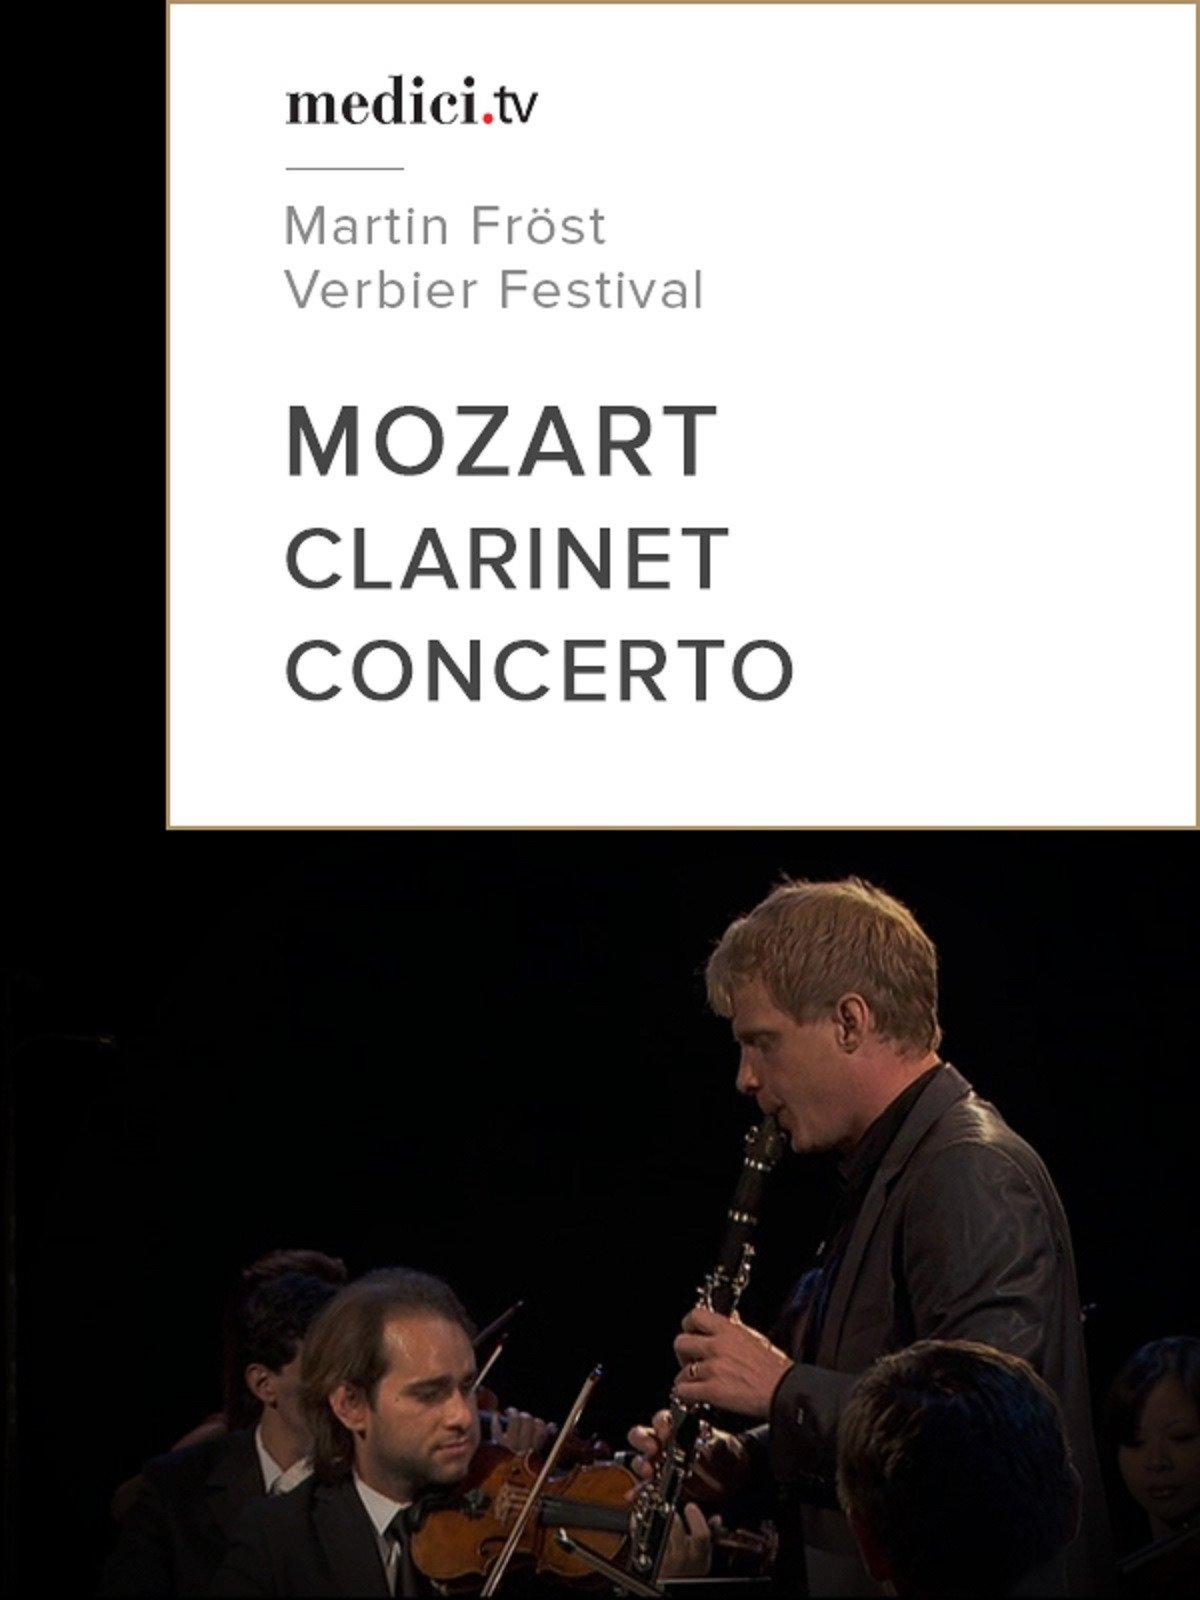 Mozart, Clarinet Concerto